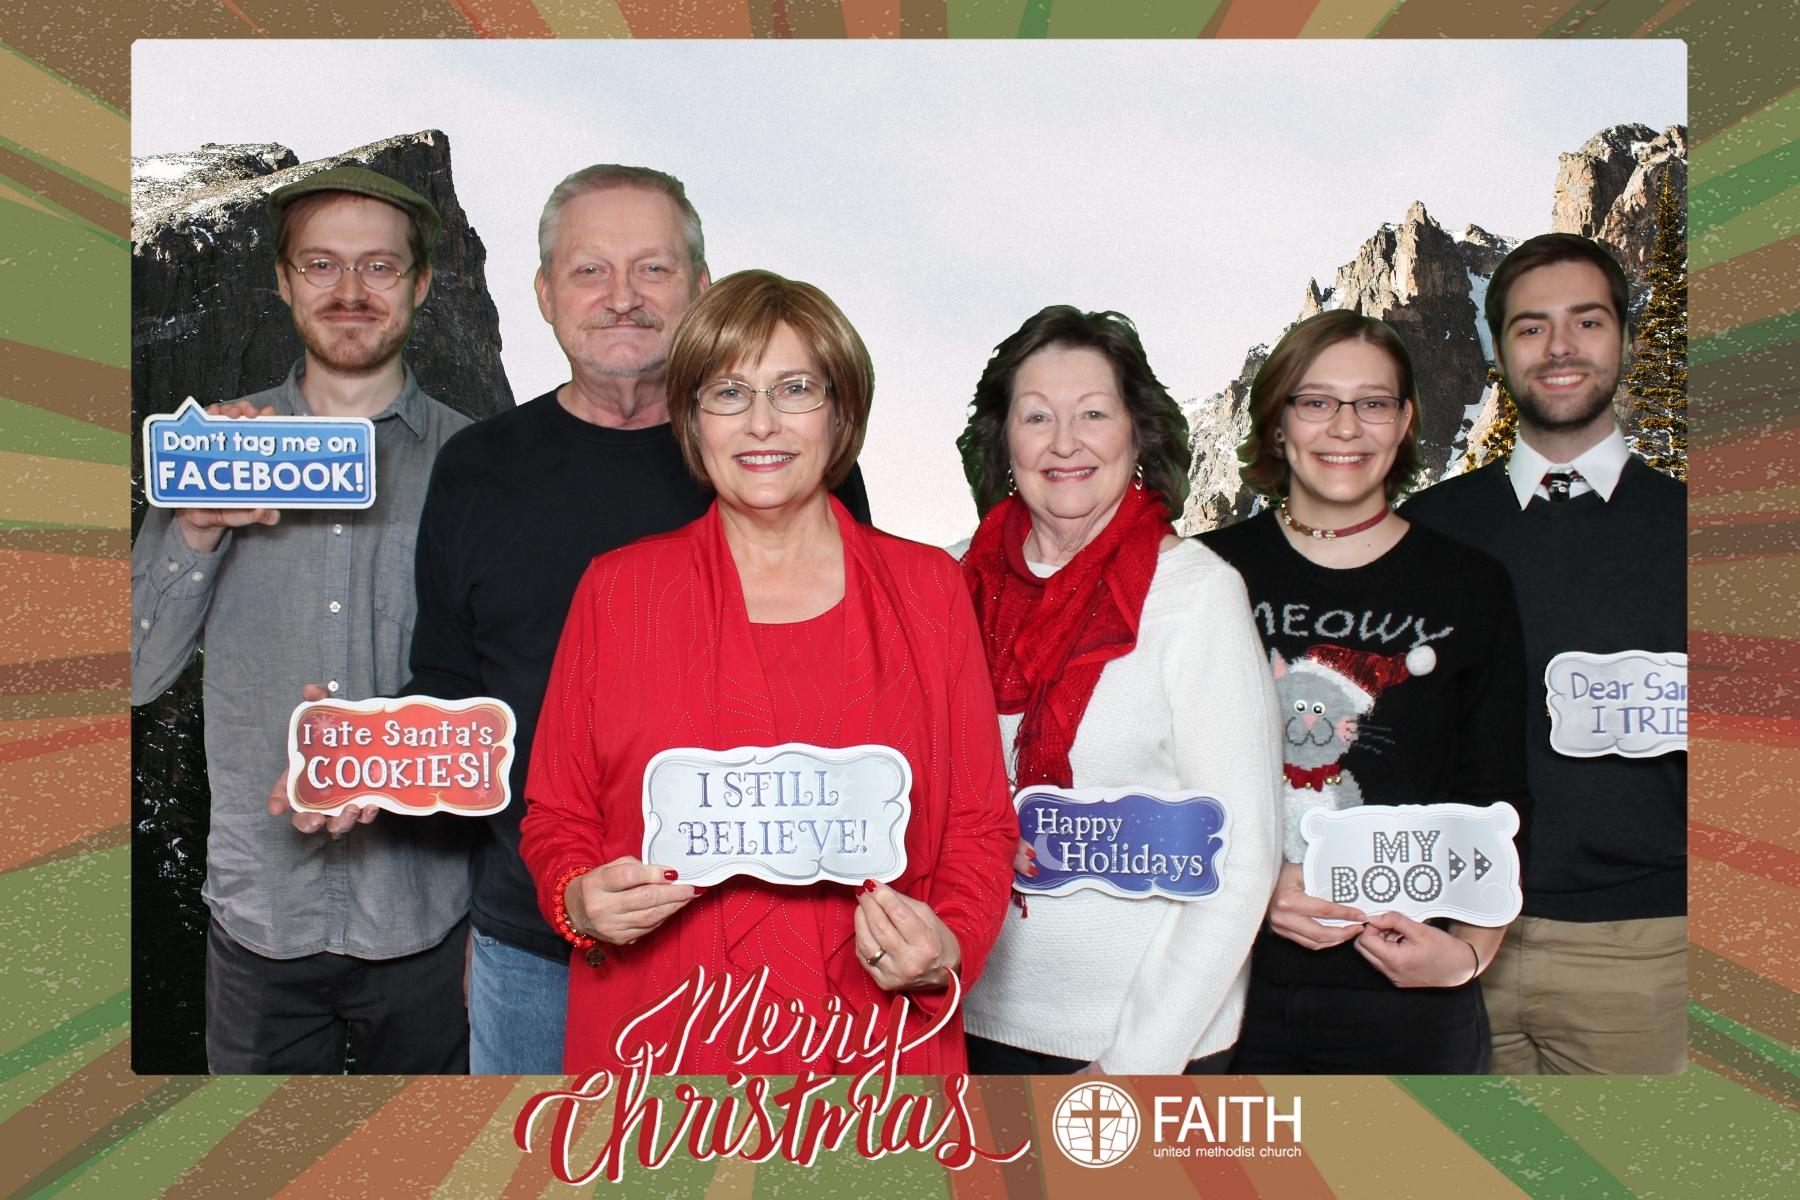 Faith2018_2018-12-24_19-05-25.jpg